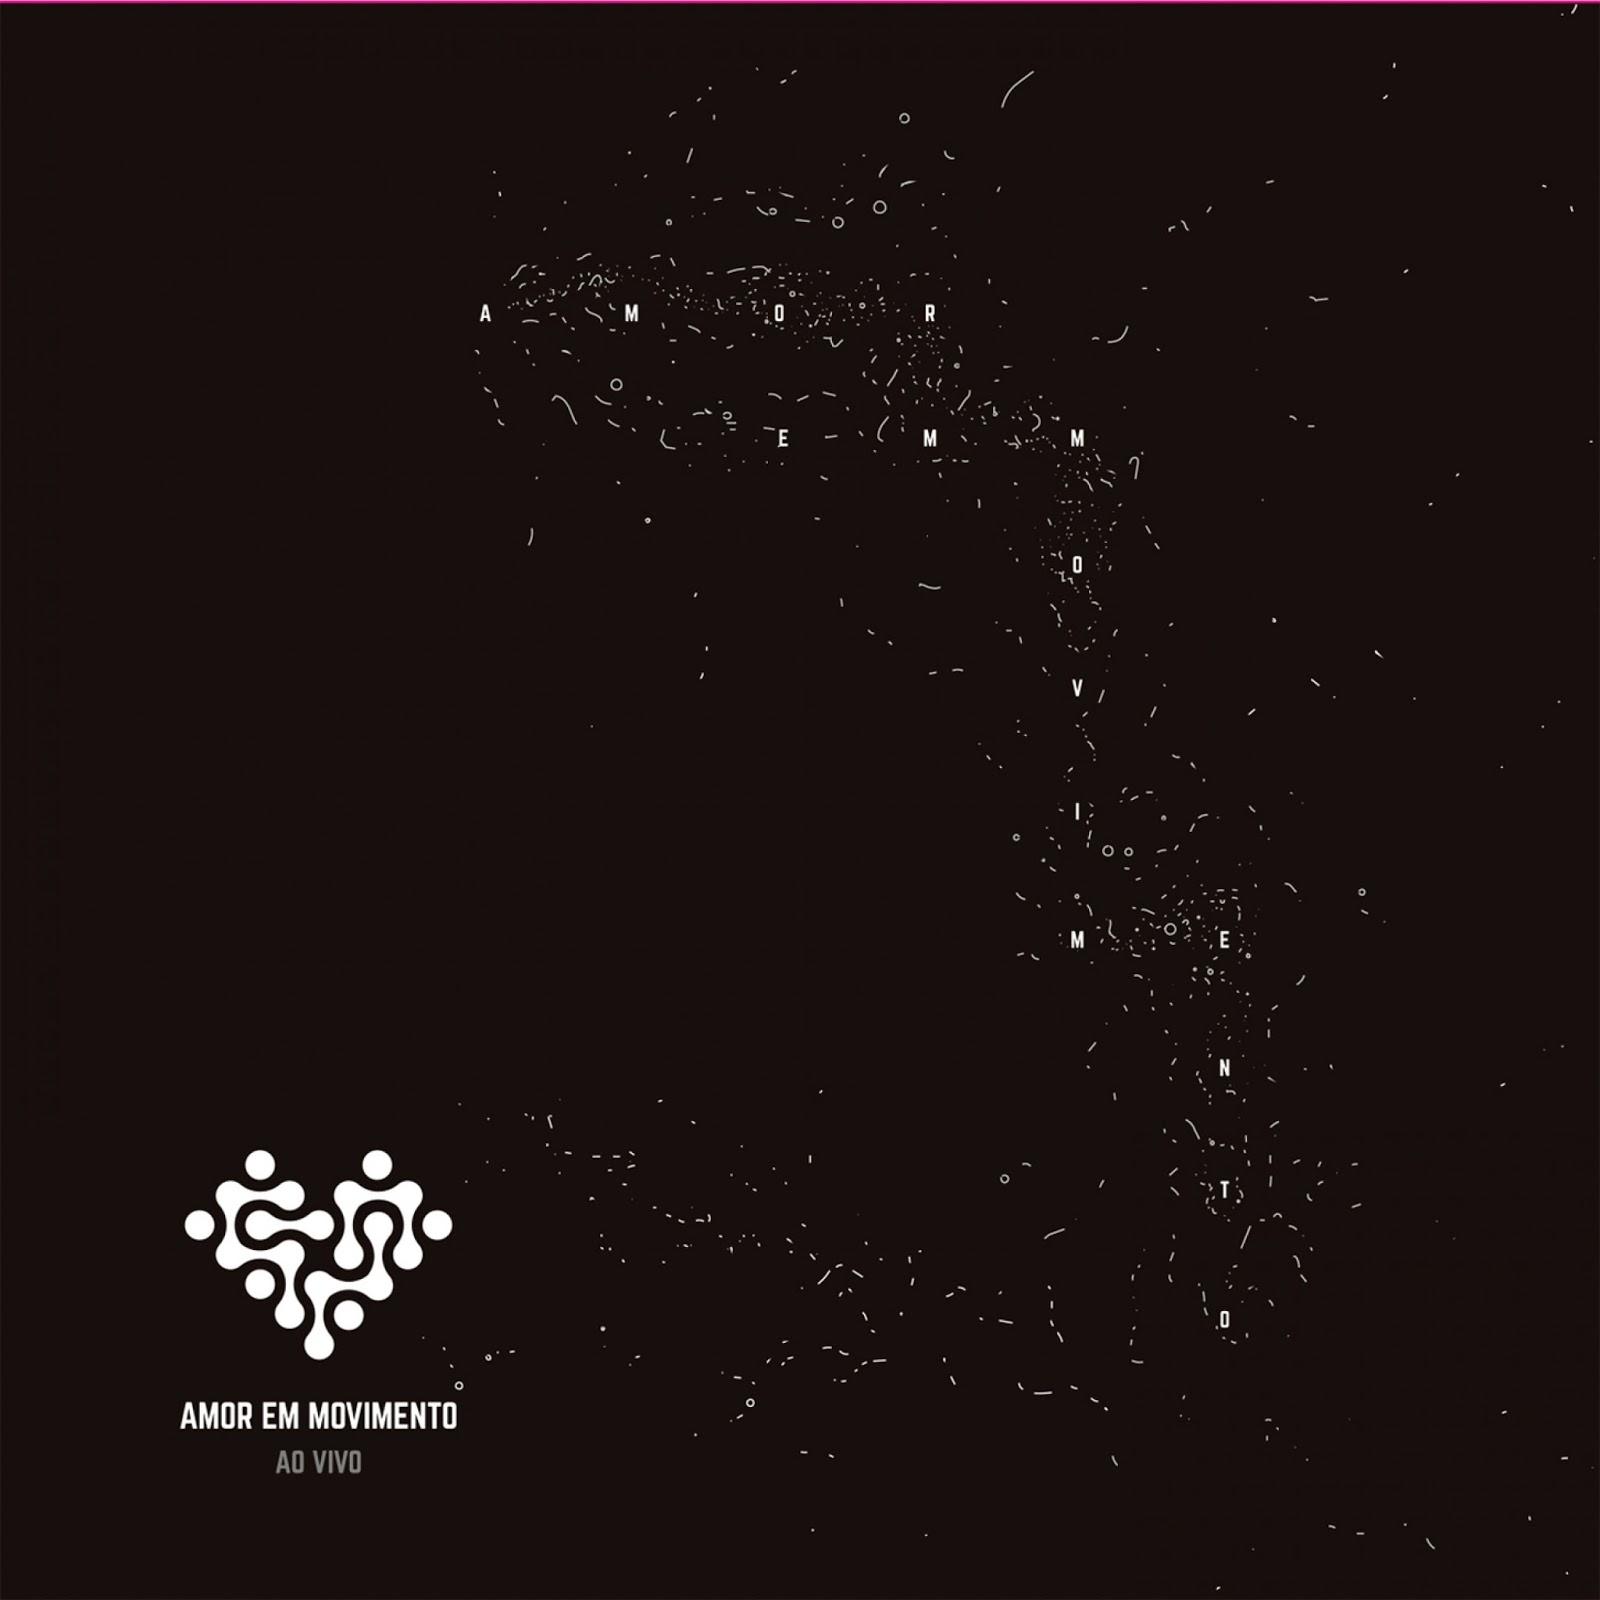 DVD - Gui Rebustini - Amor em Movimento